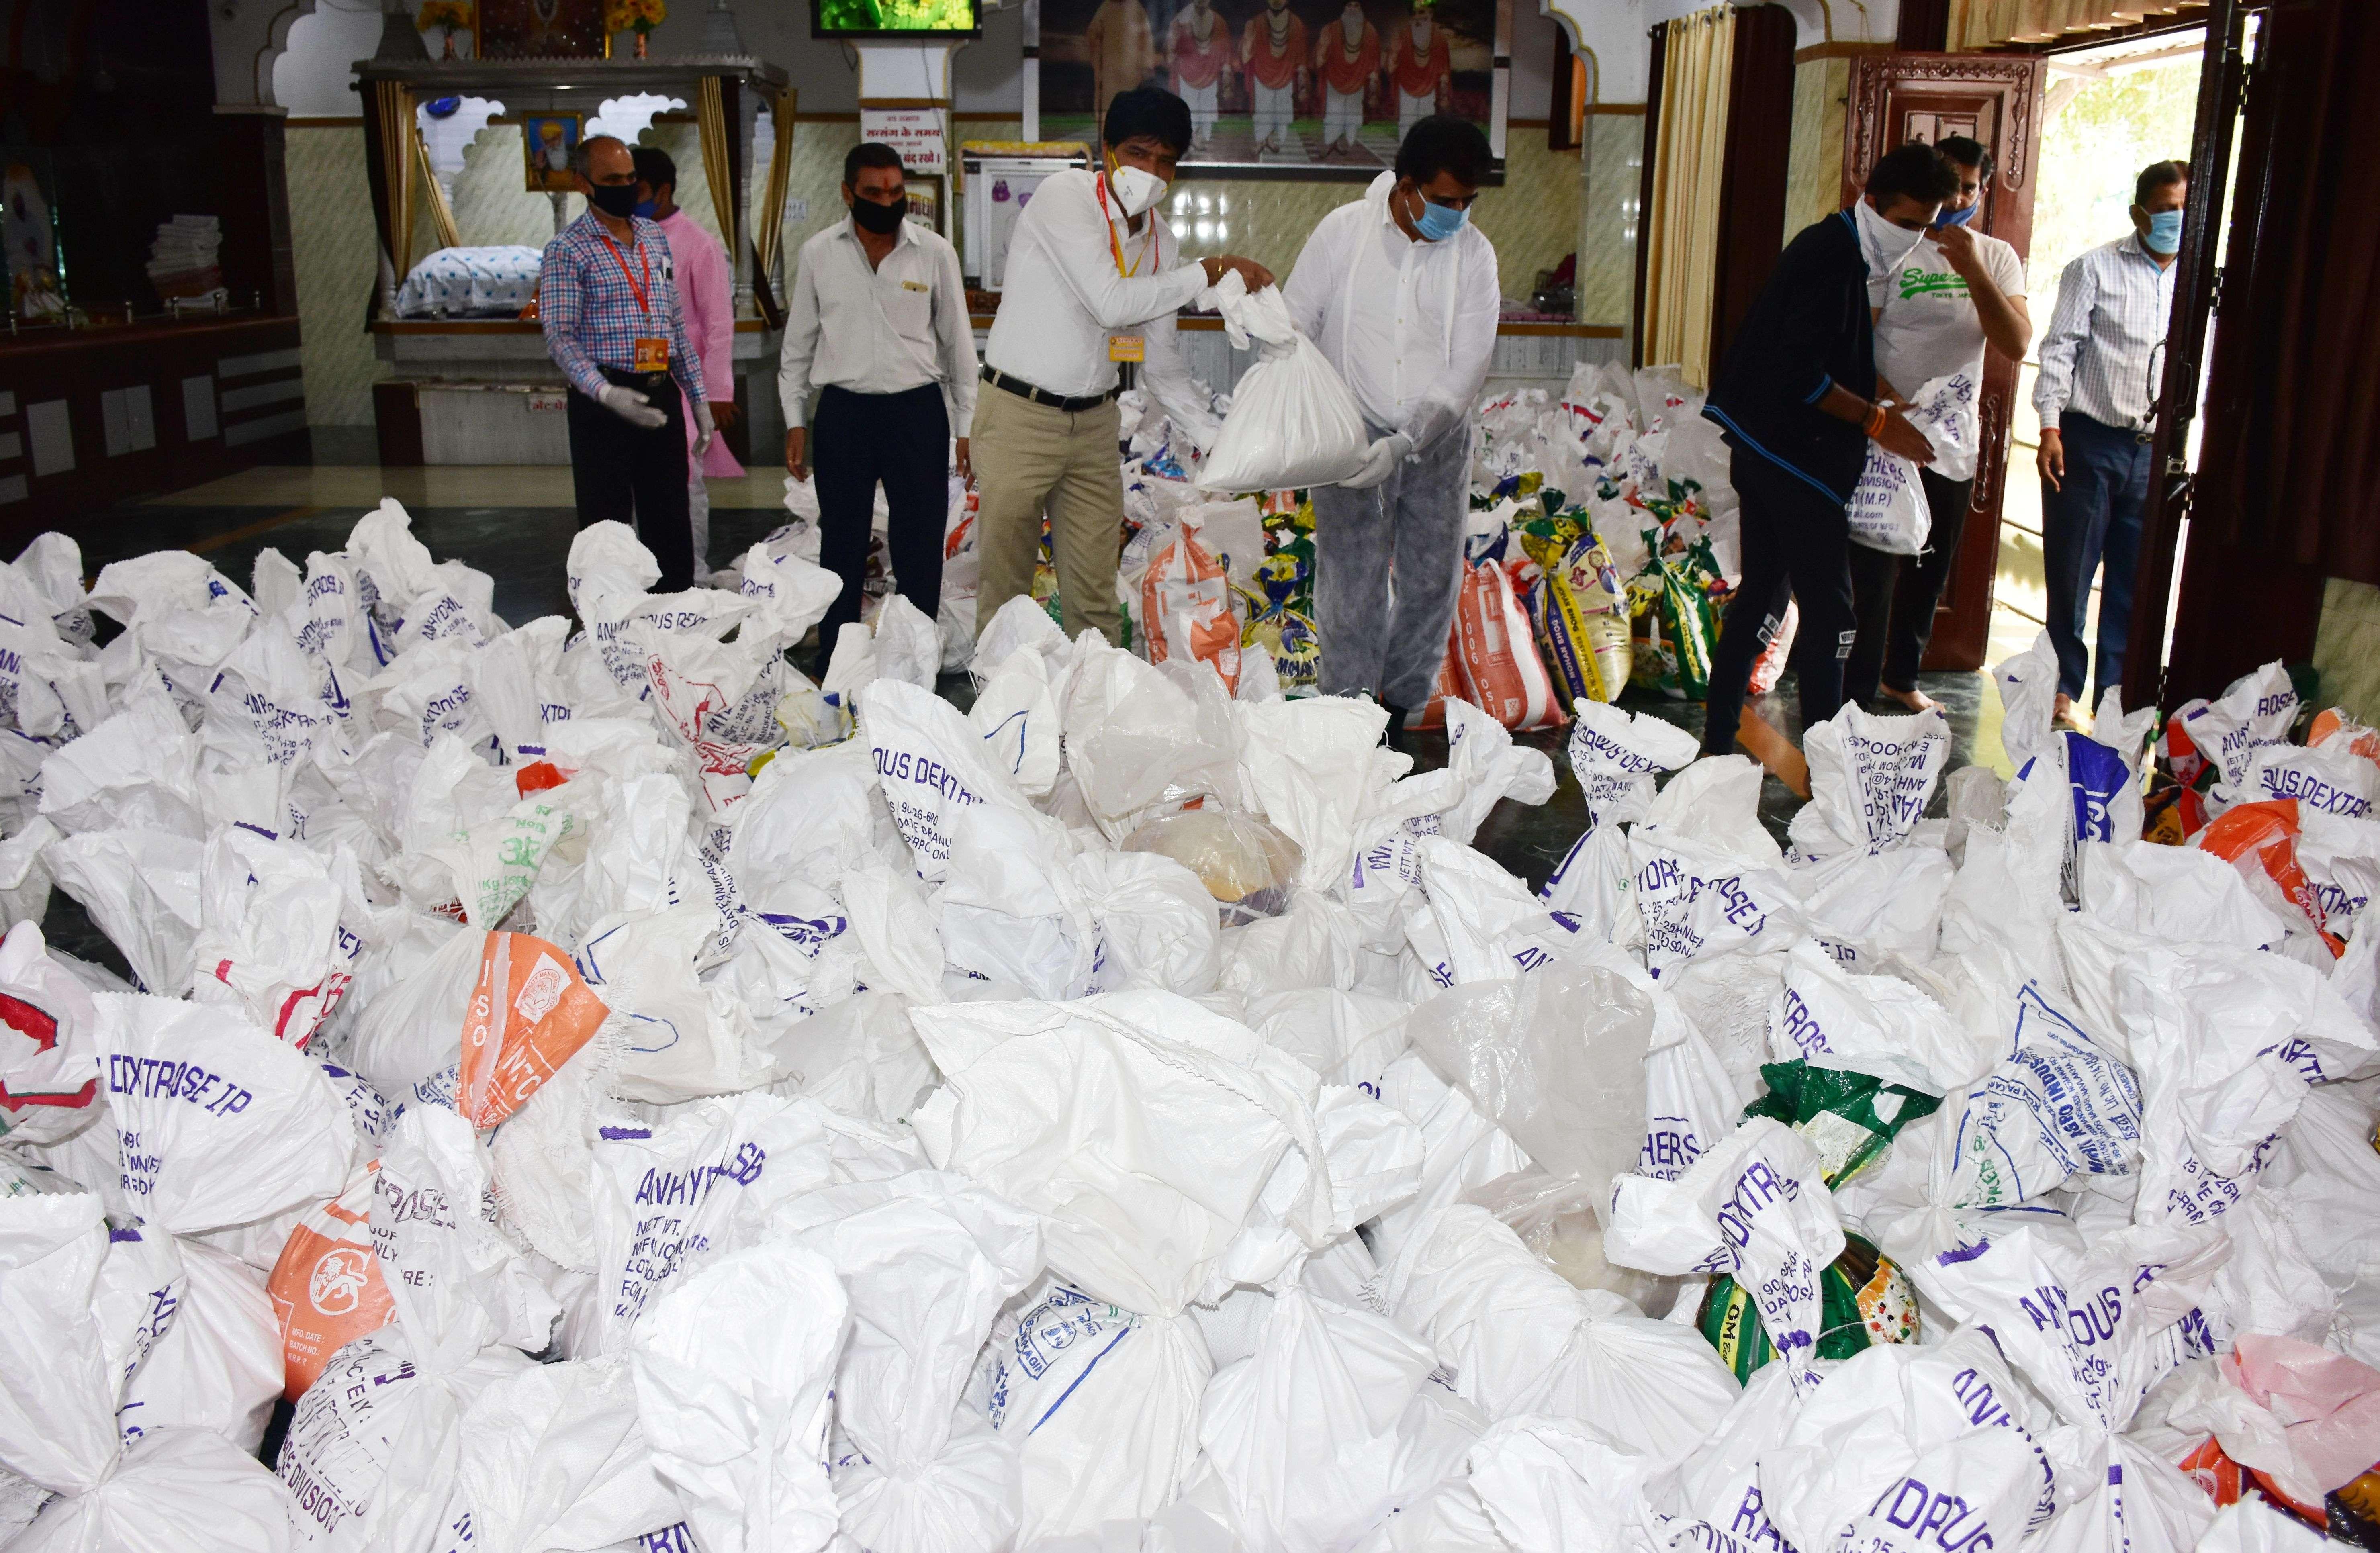 खाती वाला टेंक गोविंद धाम मे गरीबों के लिए राशन के पैकेट तैयार करती सेवादार महिलाएं